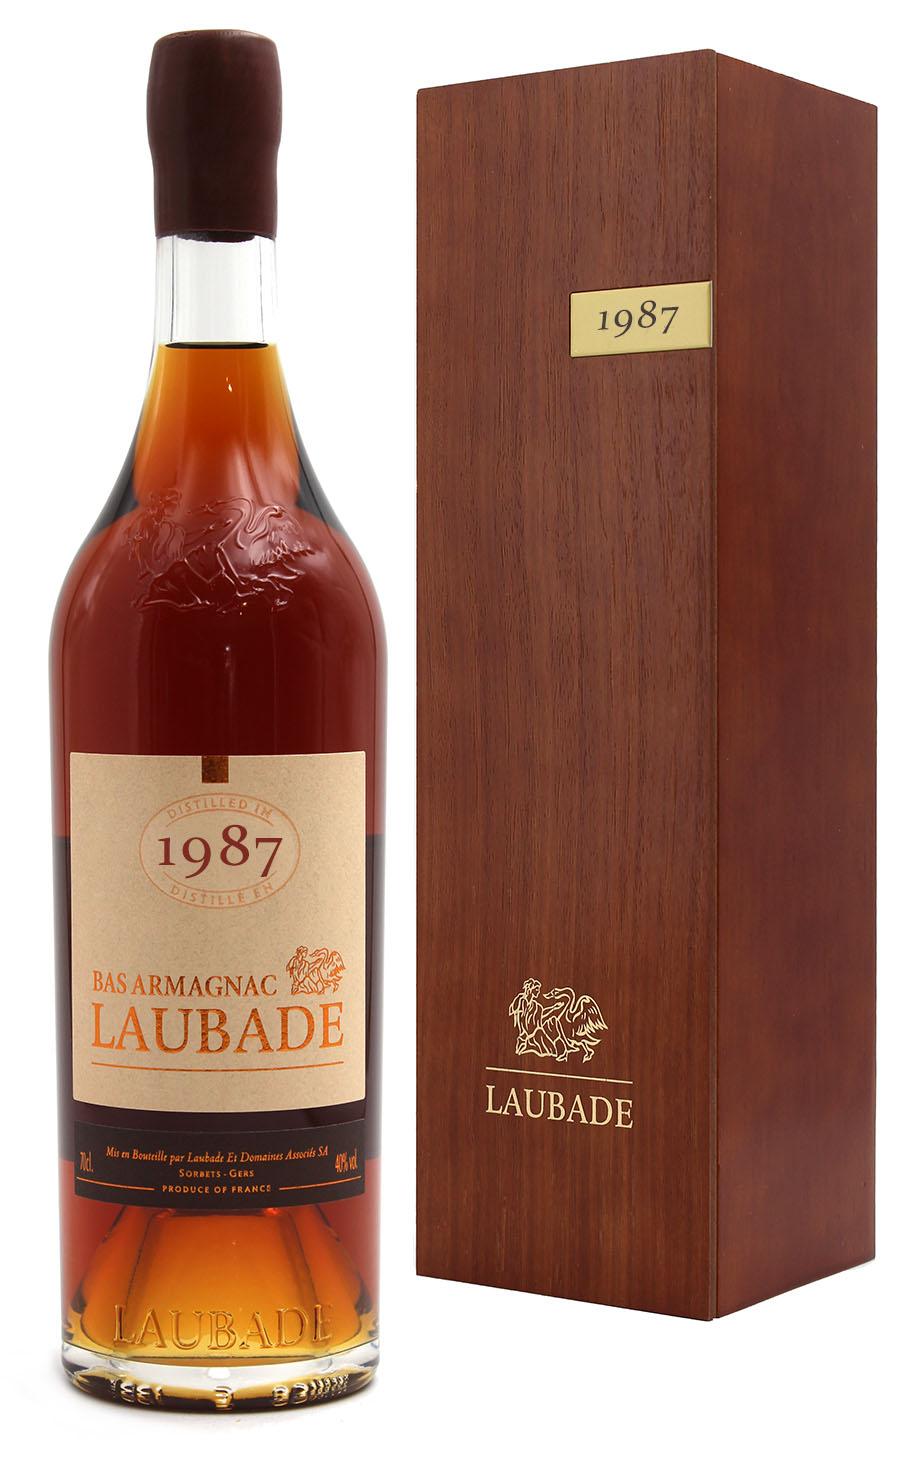 Bas Armagnac Laubade 1987  - 70cl